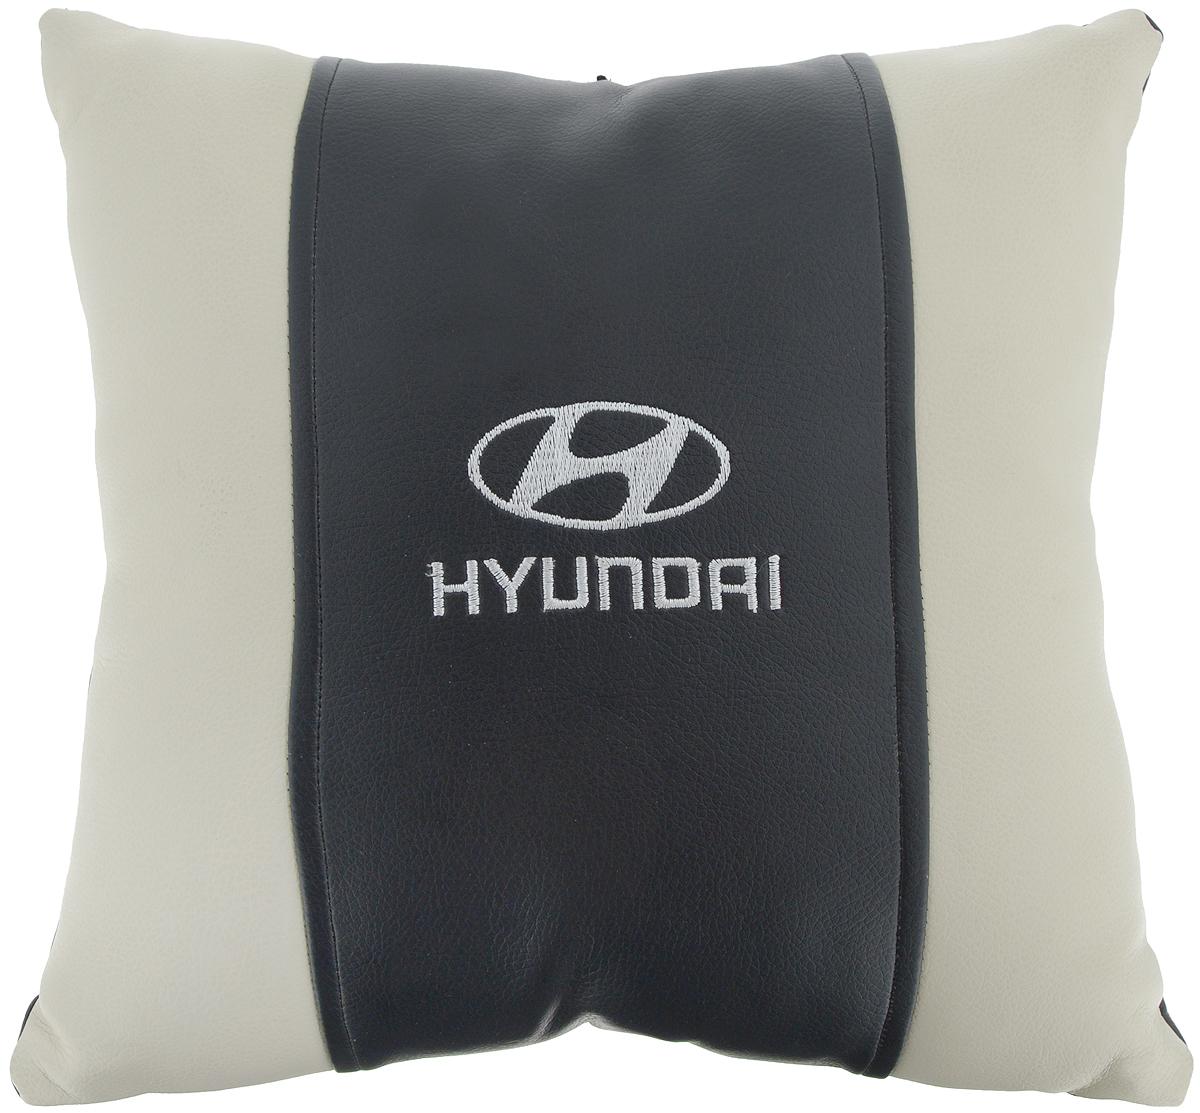 Подушка на сиденье Autoparts Hyundai, 30 х 30 смT100Подушка на сиденье Autoparts Hyundai создана для тех, кто весь свой день вынужден проводить за рулем. Чехол выполнен из высококачественной дышащей экокожи. Наполнителем служит холлофайбер. На задней части подушки имеется змейка.Особенности подушки:- Хорошо проветривается.- Предупреждает потение.- Поддерживает комфортную температуру.- Обминается по форме тела.- Улучшает кровообращение.- Исключает затечные явления.- Предупреждает развитие заболеваний, связанных с сидячим образом жизни. Подушка также будет полезна и дома - при работе за компьютером, школьникам - при выполнении домашних работ, да и в любимом кресле перед телевизором.